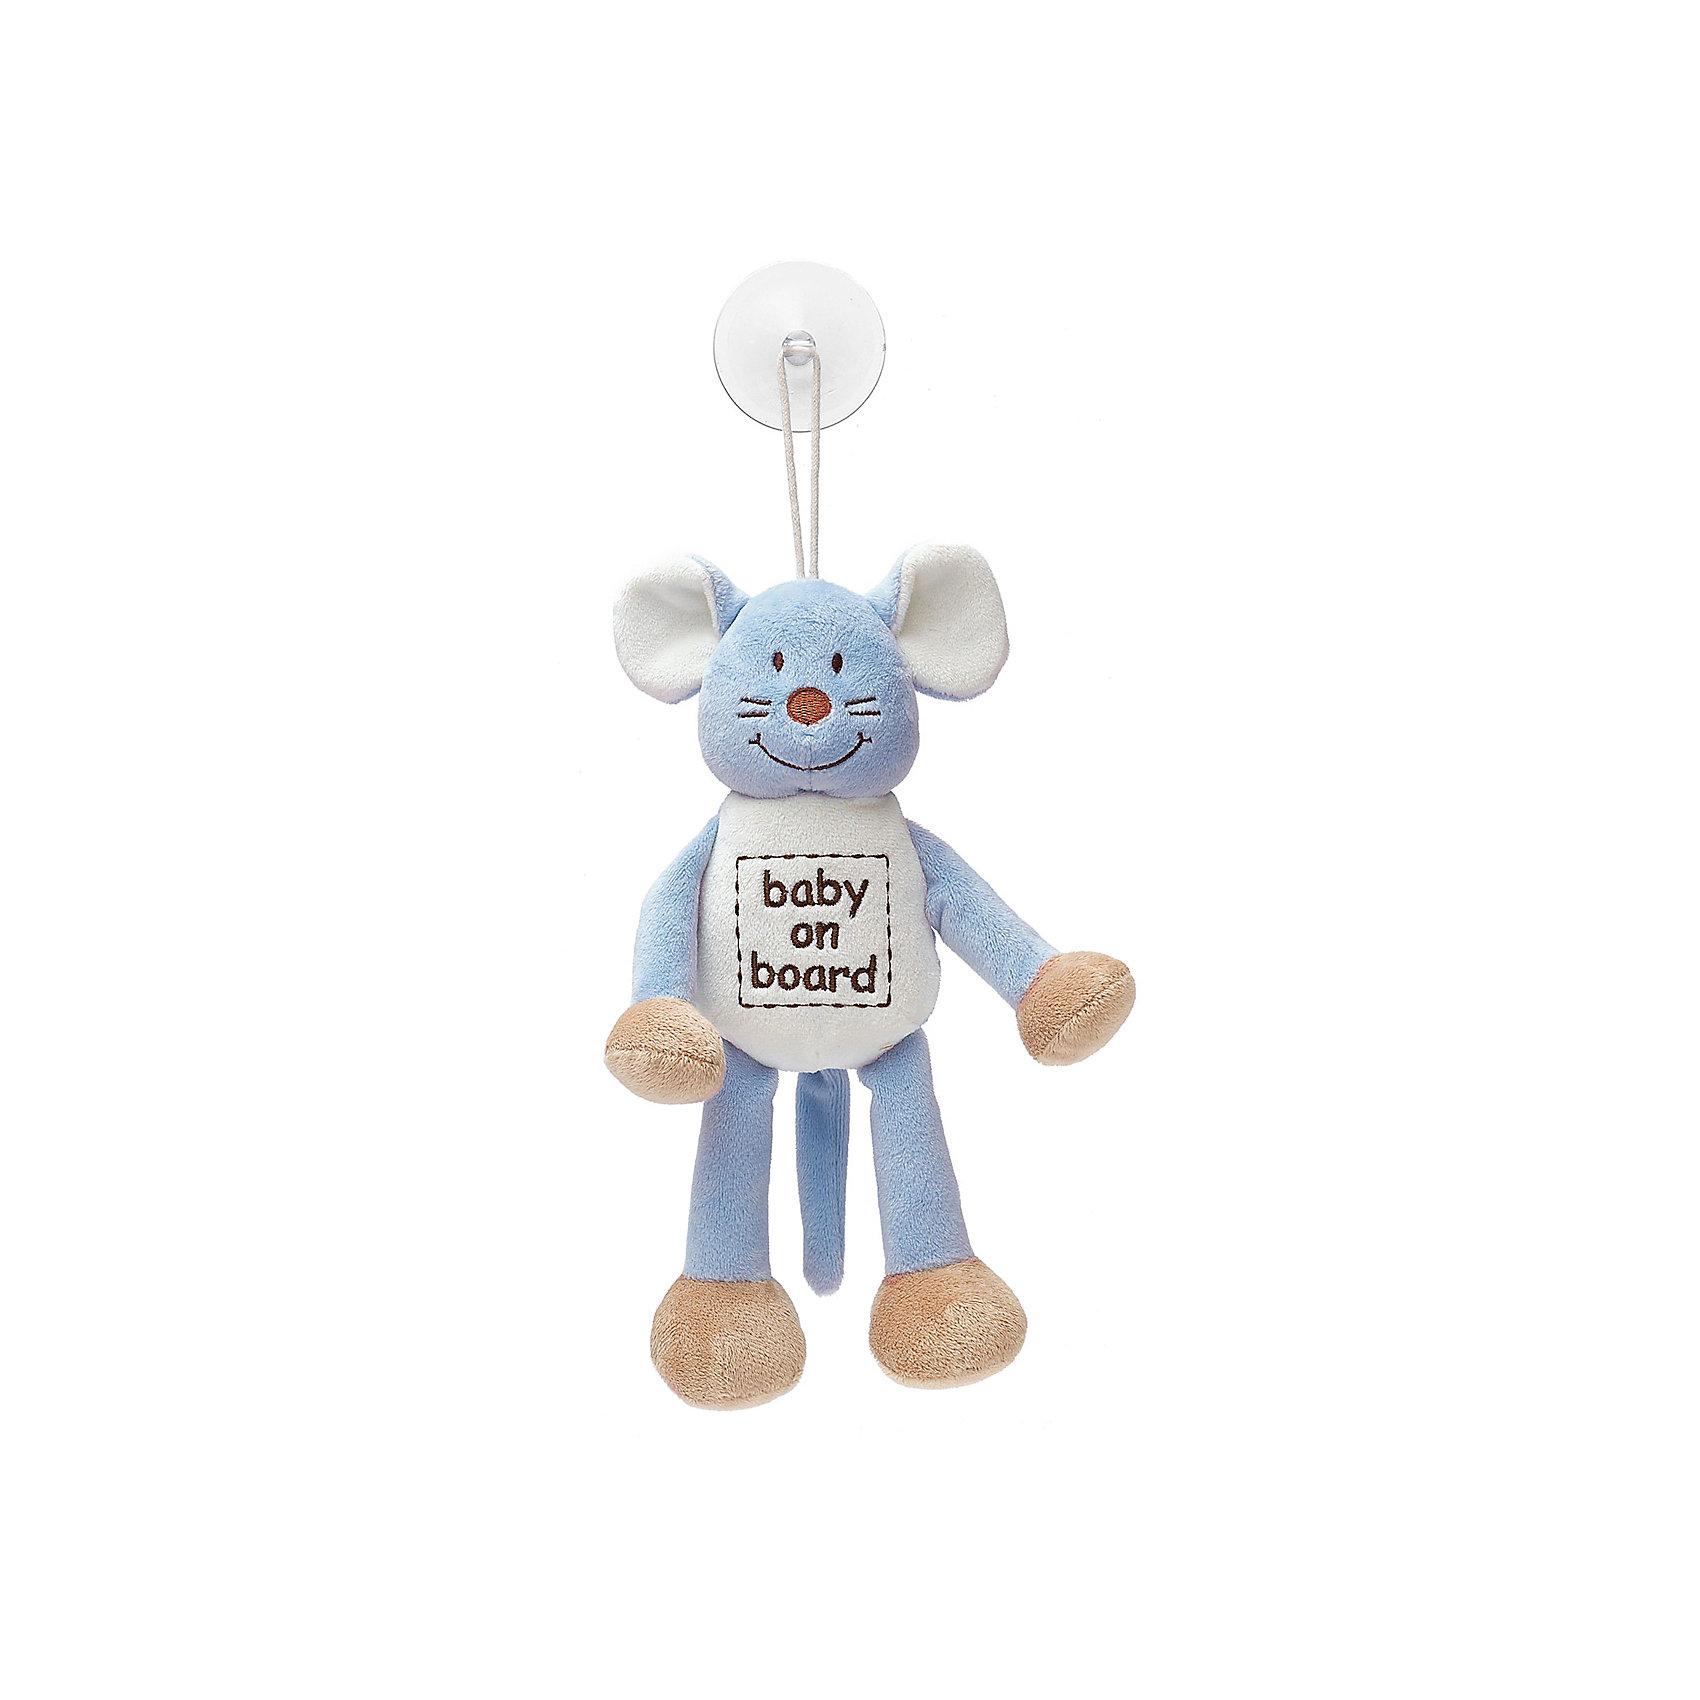 Знак Ребенок в машине Мышь, ДинглисарХарактеристики мягкой игрушки Teddykompaniet: <br><br>• размер игрушки: 24 см;<br>• материал: 100% хлопок (безворсовый велюр);<br>• надпись: baby on board;<br>• серия: Динглисар;<br>• тип крепления: присоска.<br><br>Игрушка-знак «Мышь» символизирует водителям: ребенок в машине. Мягкая игрушка-подвеска крепится к стеклу автомобиля с помощью присоски. Игрушка выполнена из гипоаллергенного материала, внутри мягкий наполнитель. <br><br>Знак Ребенок в машине Мышь, Динглисар можно купить в нашем интернет-магазине.<br><br>Ширина мм: 50<br>Глубина мм: 100<br>Высота мм: 100<br>Вес г: 20<br>Возраст от месяцев: 0<br>Возраст до месяцев: 12<br>Пол: Унисекс<br>Возраст: Детский<br>SKU: 5219508